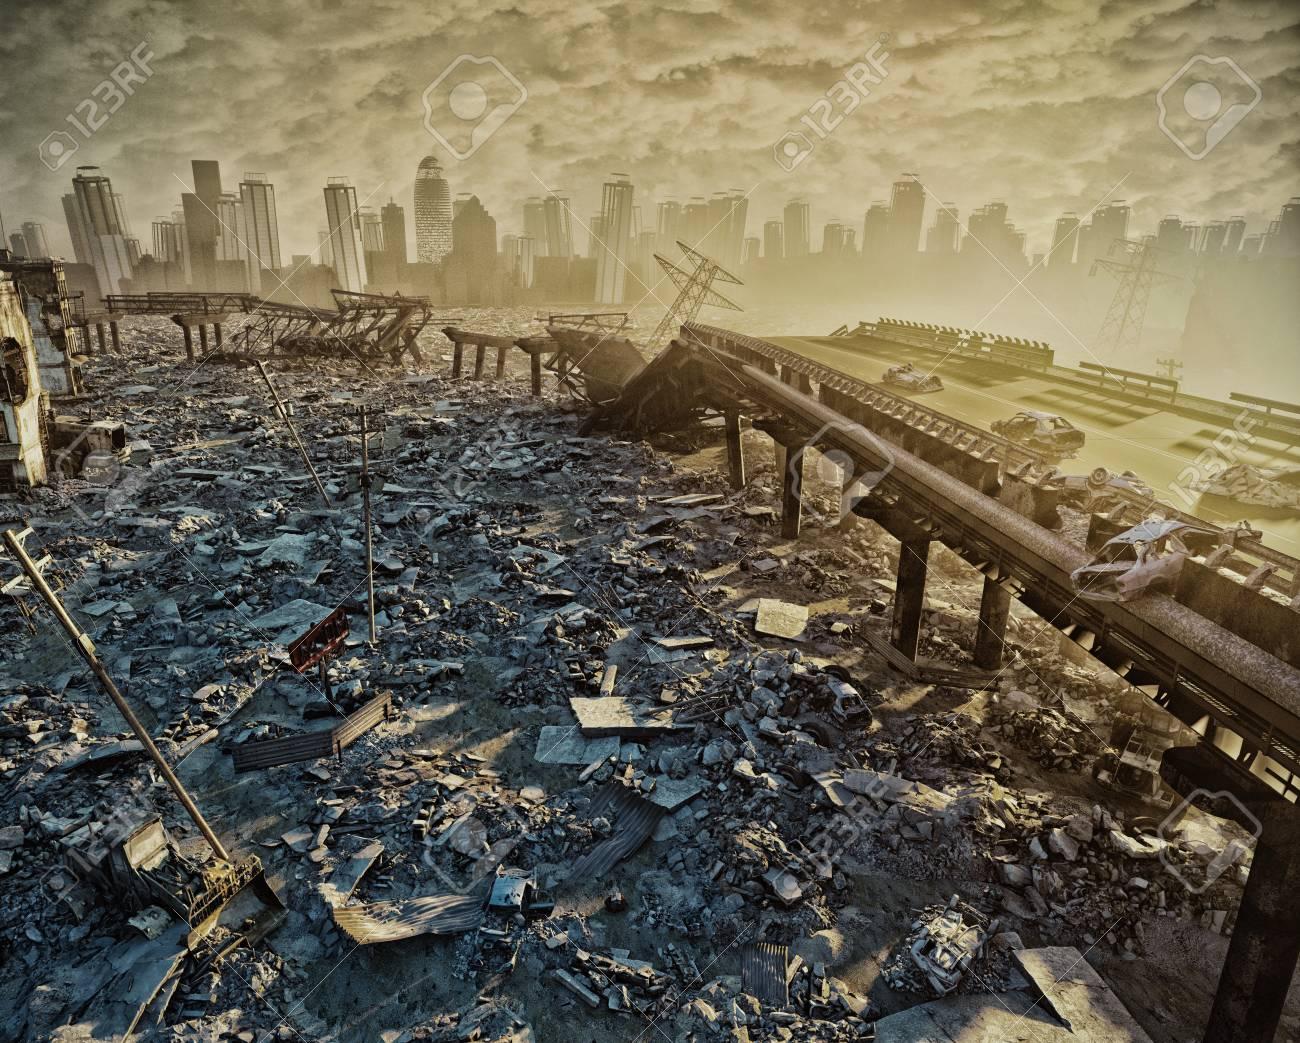 都市の遺跡。終末論的な Landscape.3d の図の概念 の写真素材・画像 ...